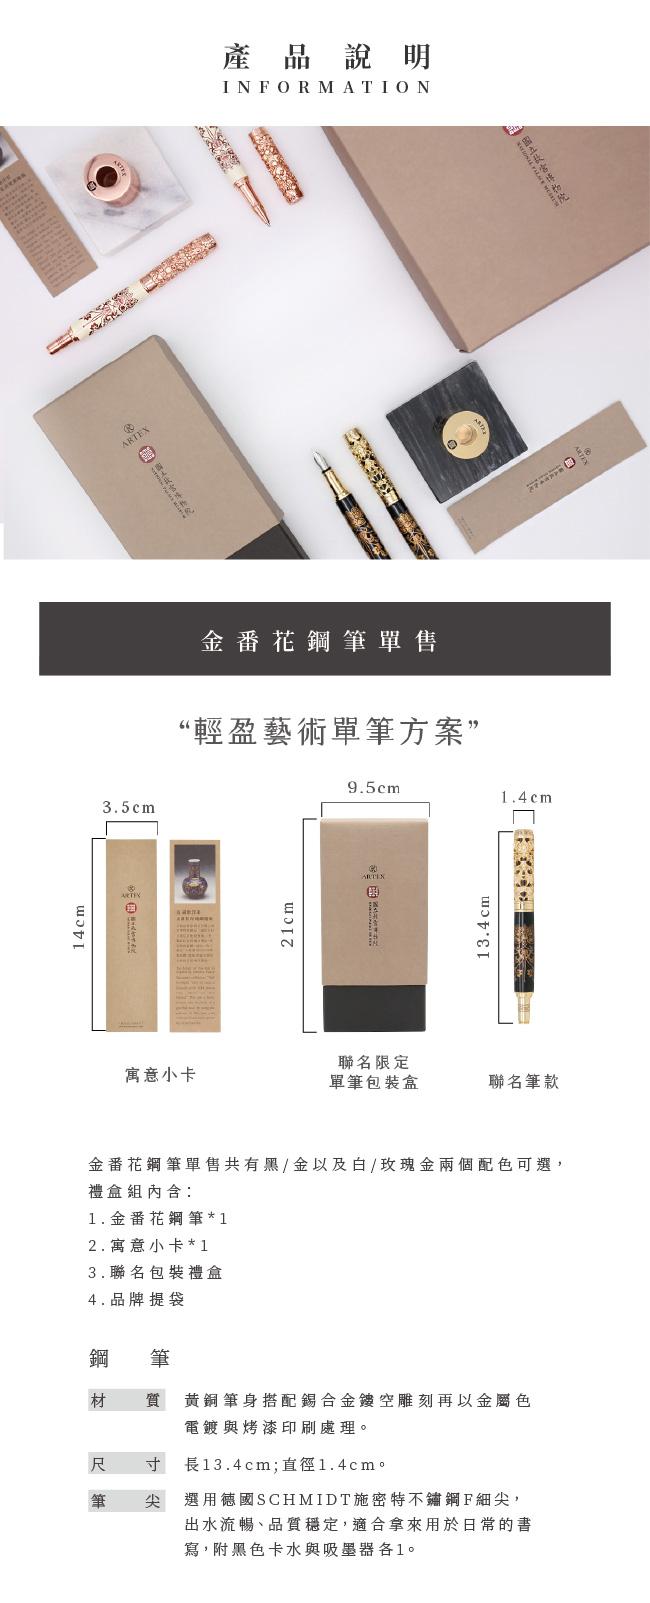 (複製)ARTEX|國立故宮博物院聯名 金番花鋼珠筆